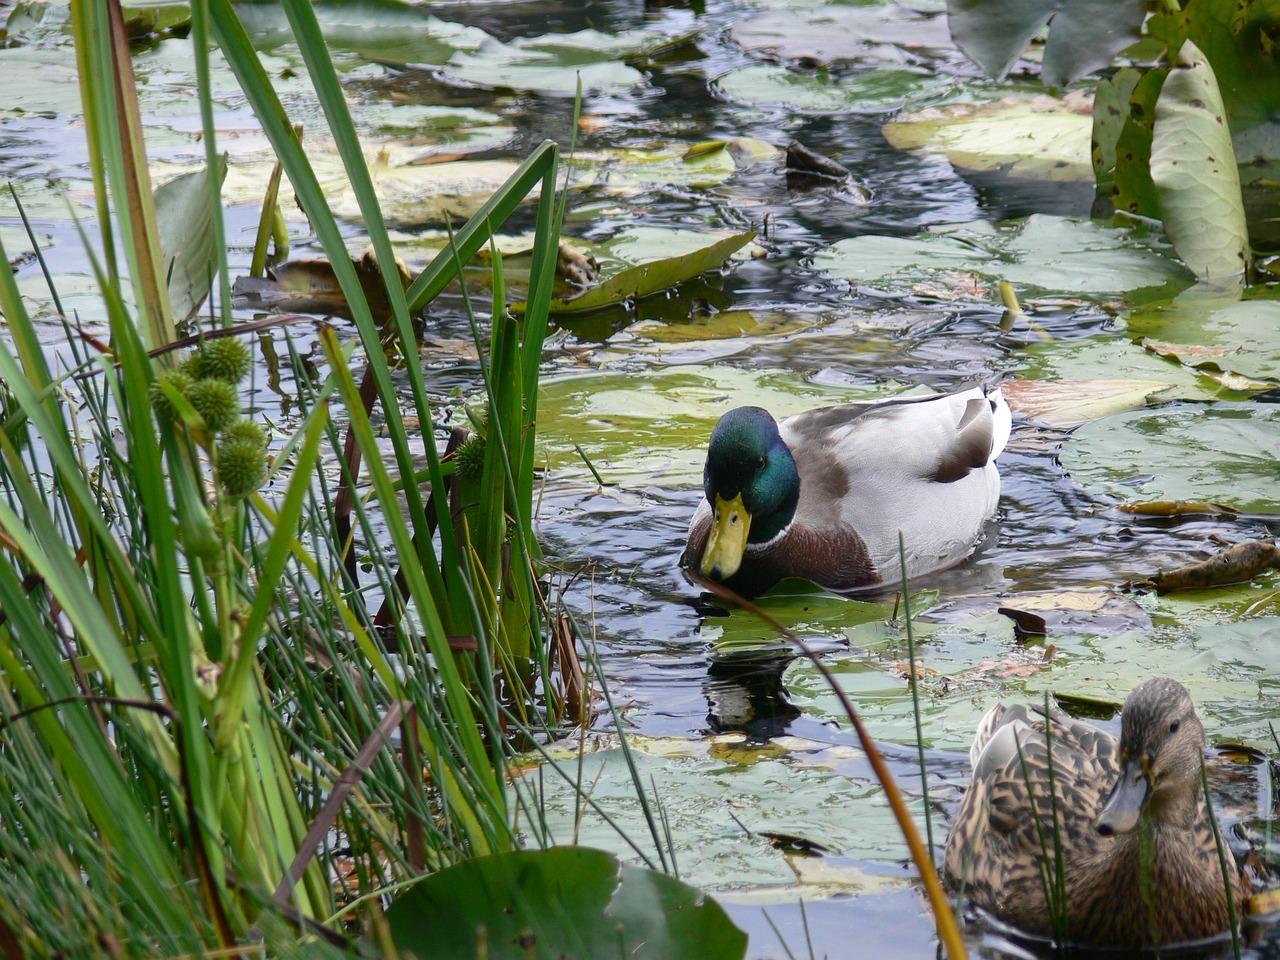 утки на пруду фото длится весны осень